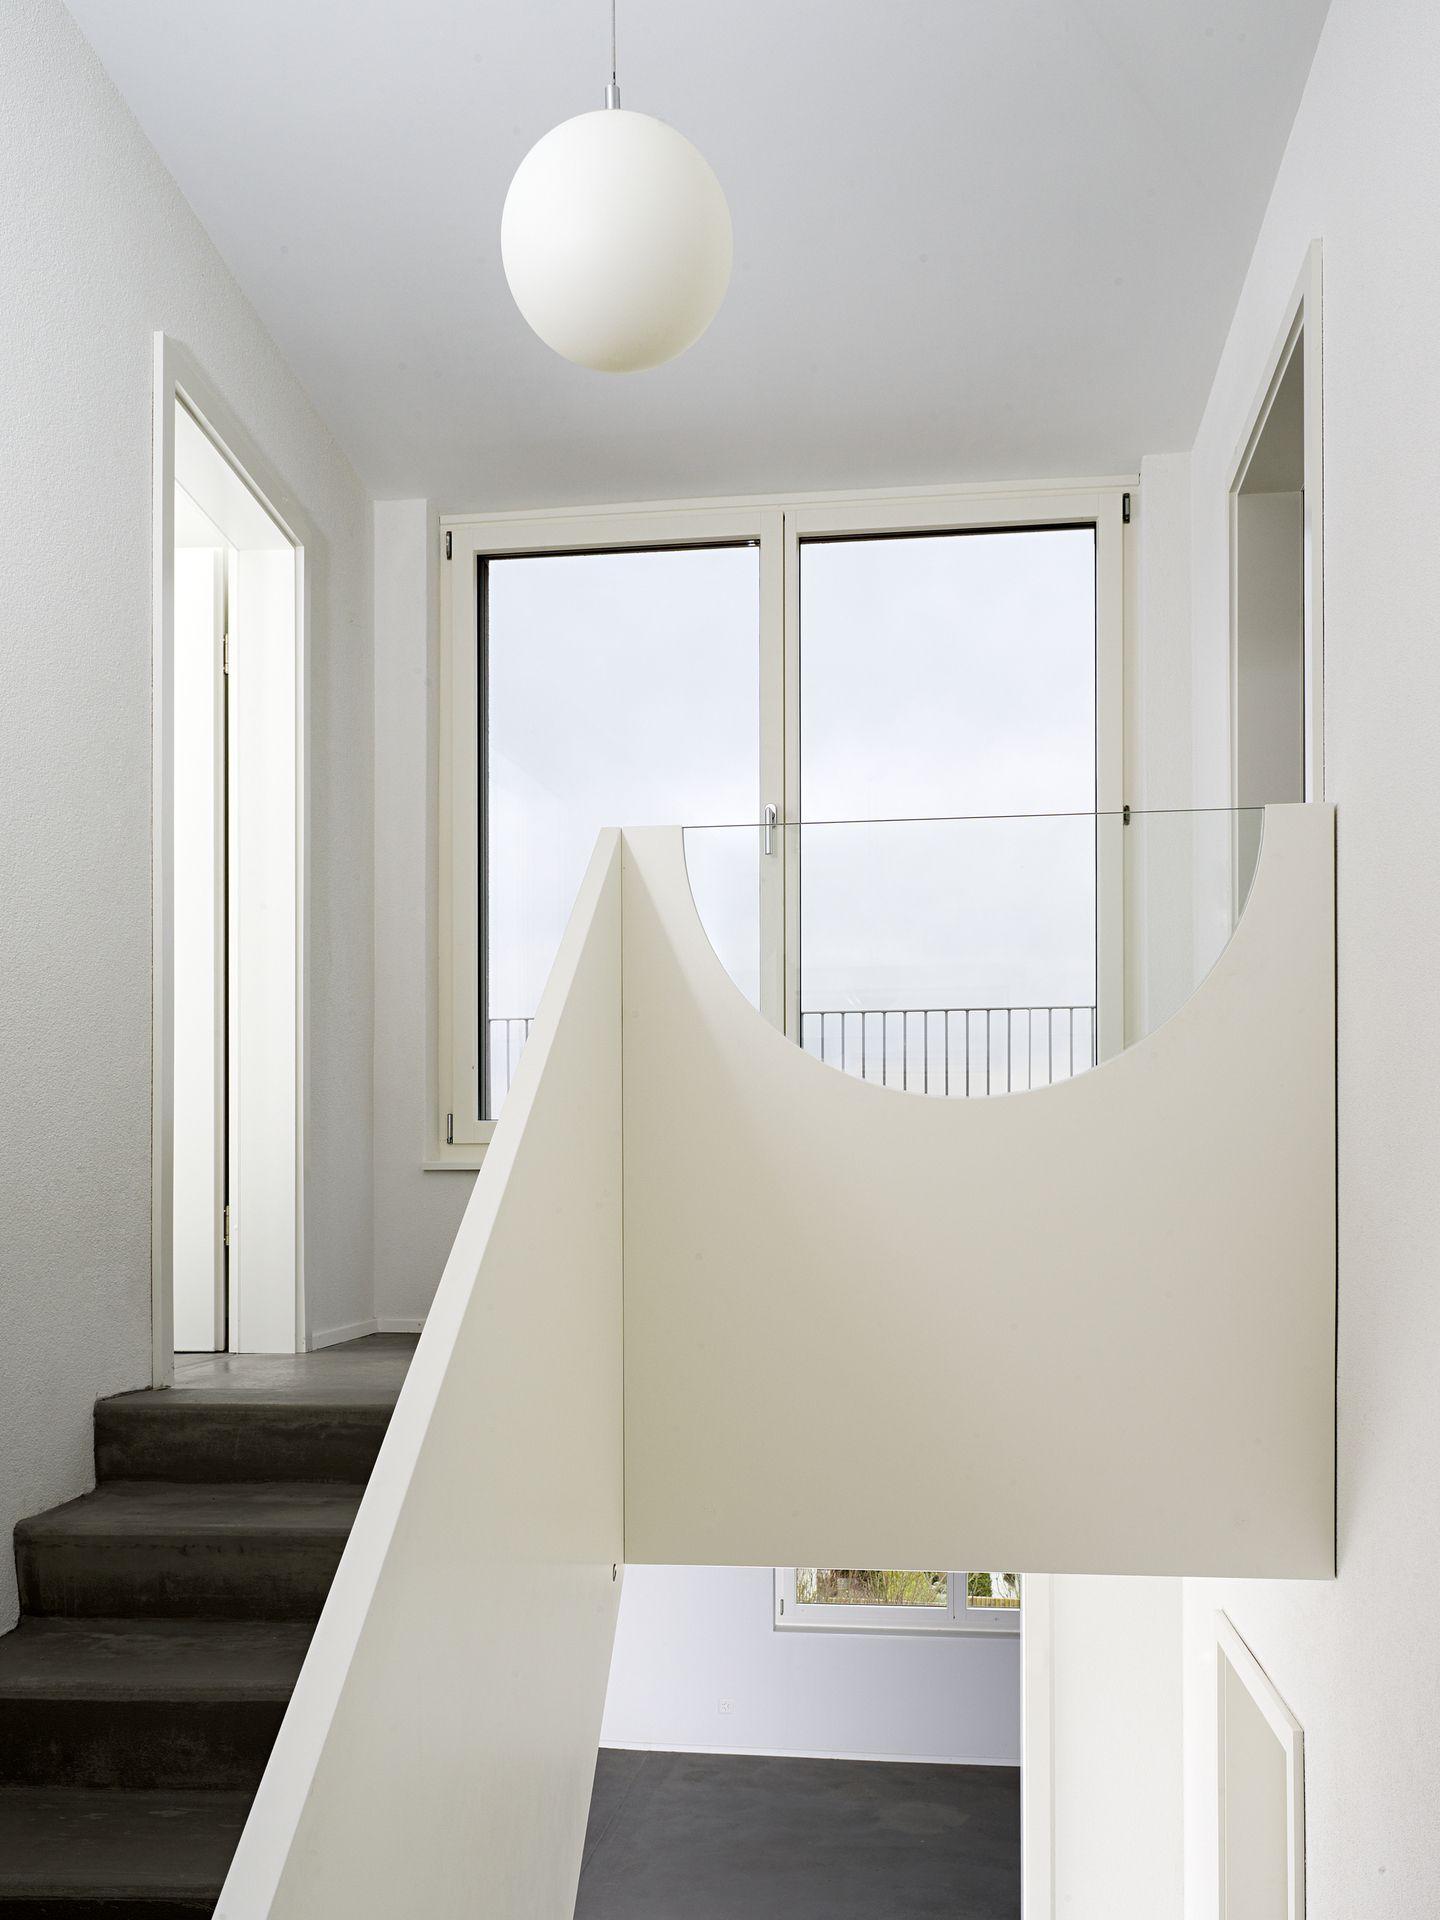 treppenbr stung mit formsch nem glaseinsatz. Black Bedroom Furniture Sets. Home Design Ideas